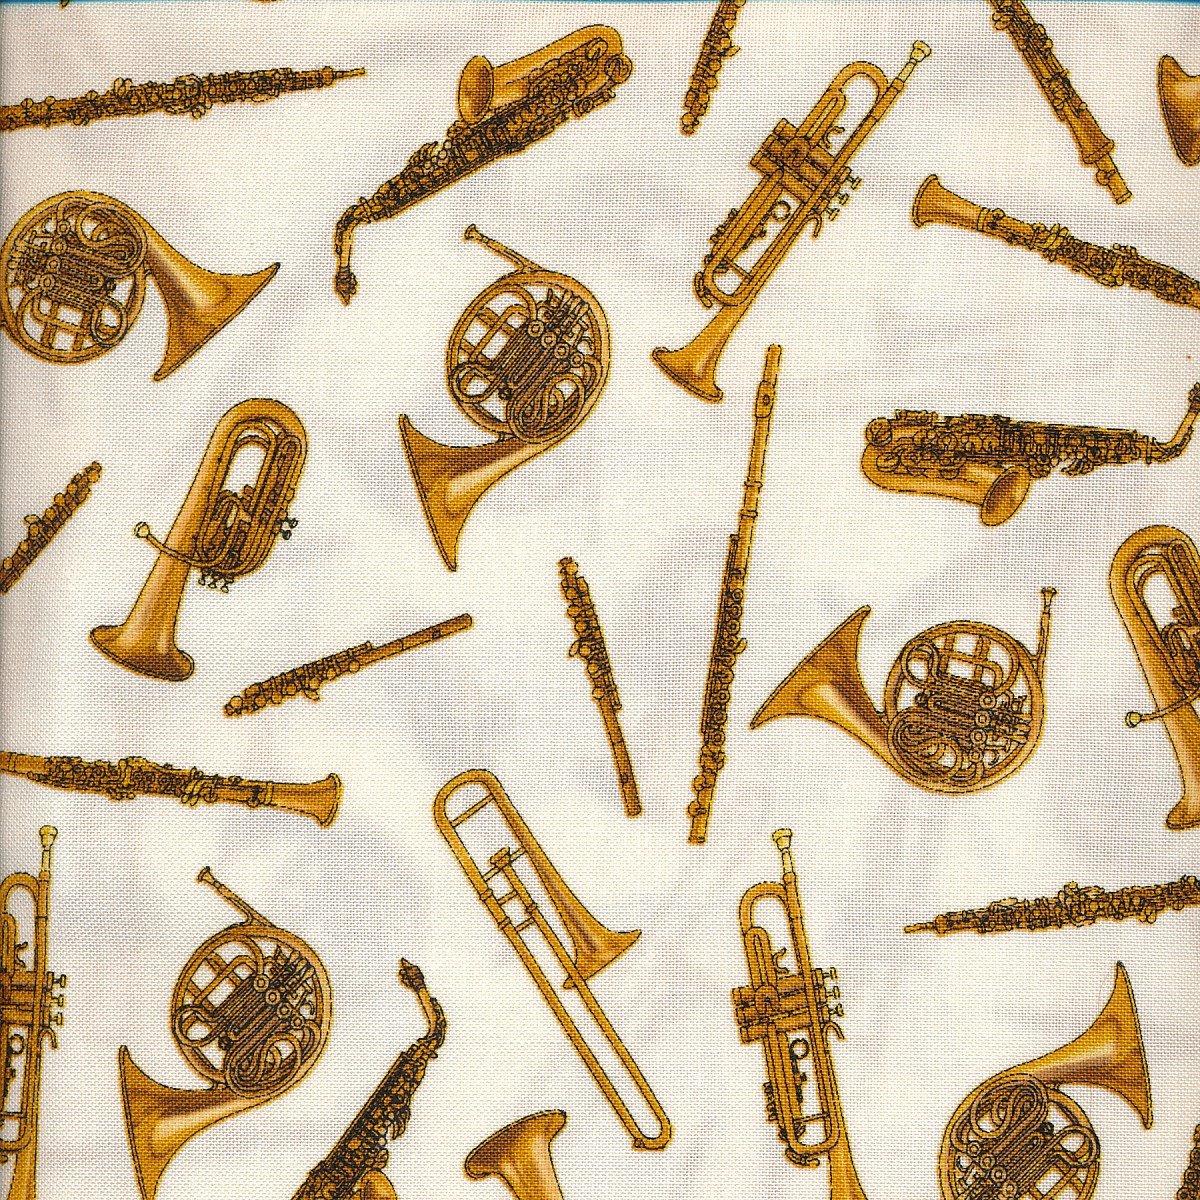 Brass Instruments on Cream